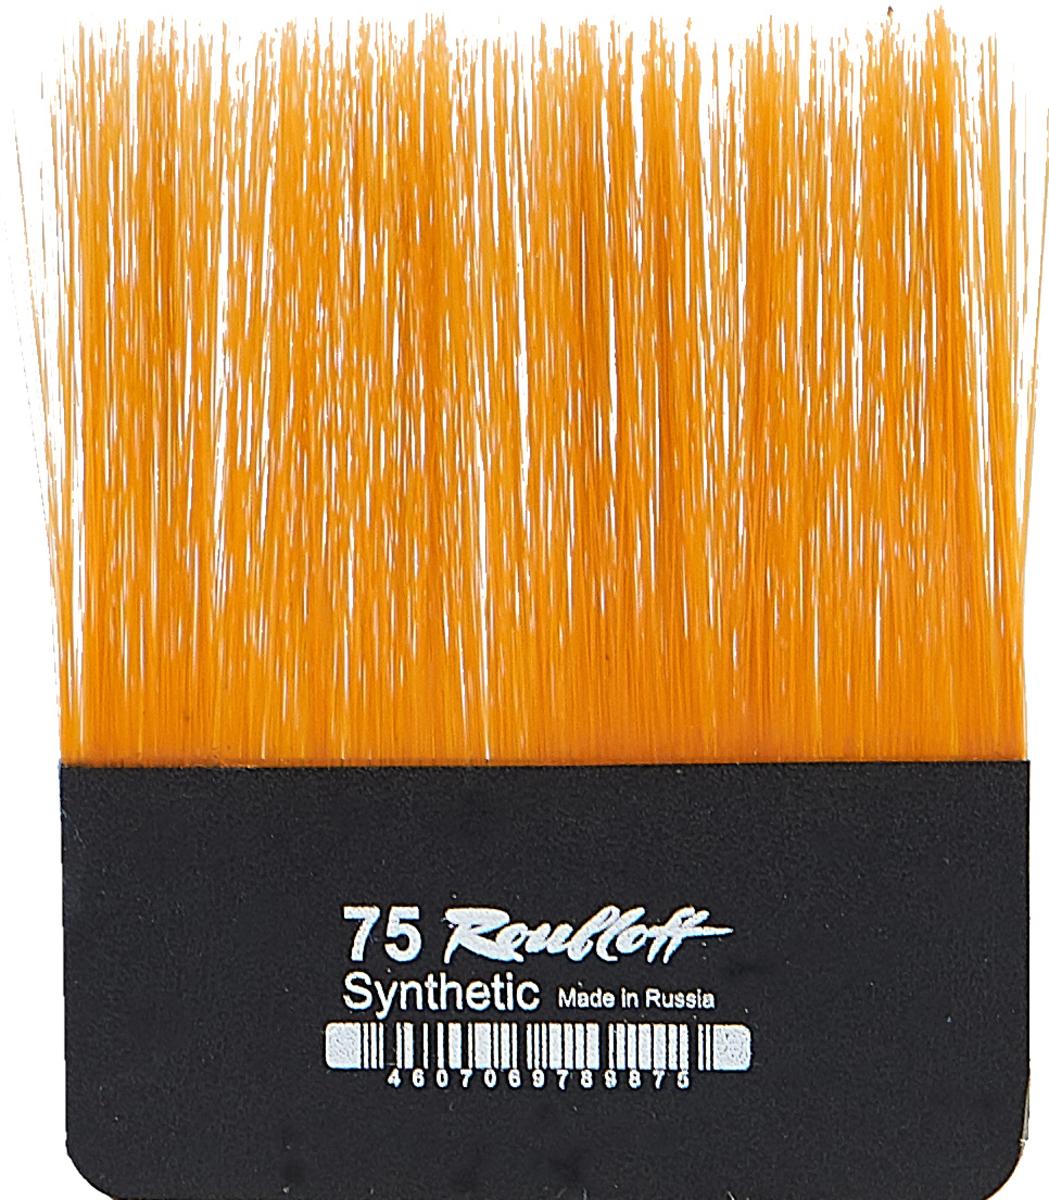 Roubloff Кисть для работы с золотом синтетика № 75 roubloff кисть 1222 синтетика плоская 36 длинная ручка